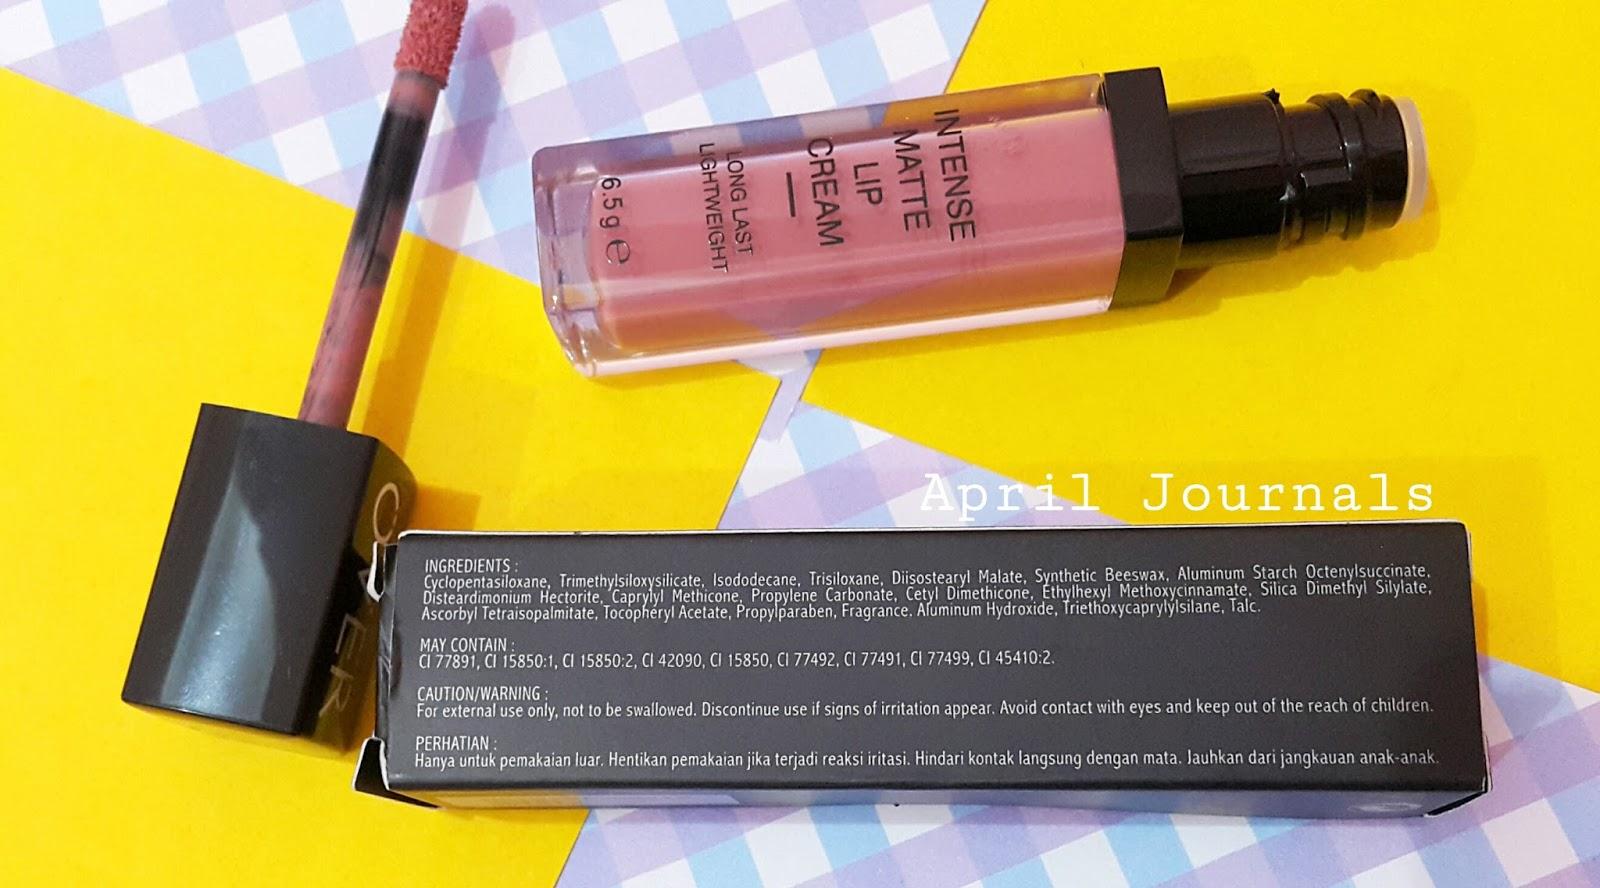 Make Over Intense Matte Lip Cream 003 Secret Cindyartha Aprilia Produk Ini Keluar Dengan Packaging Kardus Hitam Kecil Yang Berisi Keterangan Ingredients Expired Date Dan Kode Bpom Nya Sayangnya Masih